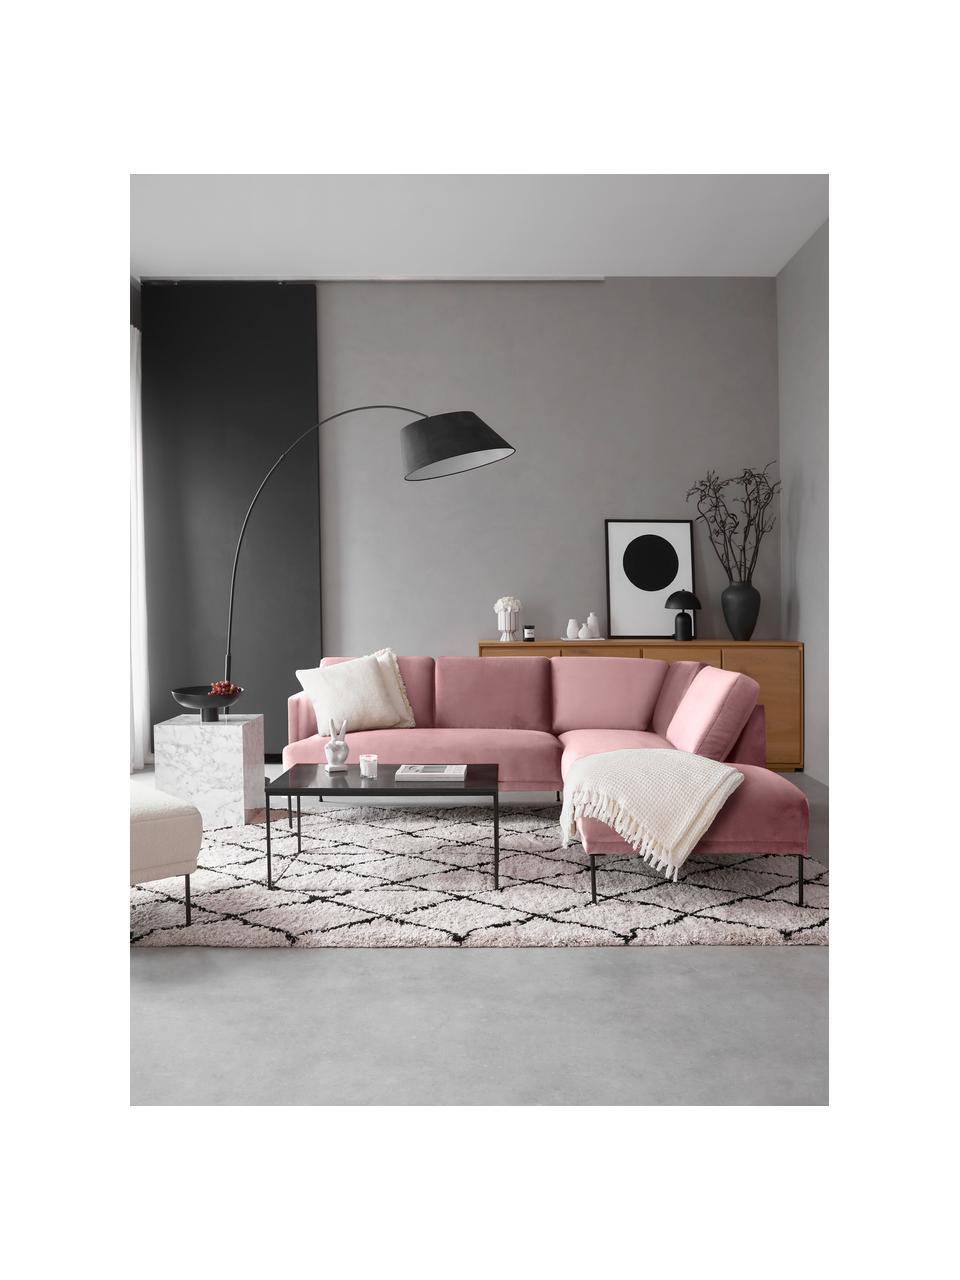 Fluwelen hoekbank Fluente in roze met metalen poten, Bekleding: fluweel (hoogwaardig poly, Frame: massief grenenhout, Poten: gepoedercoat metaal, Fluweel roze, B 221 x D 200 cm